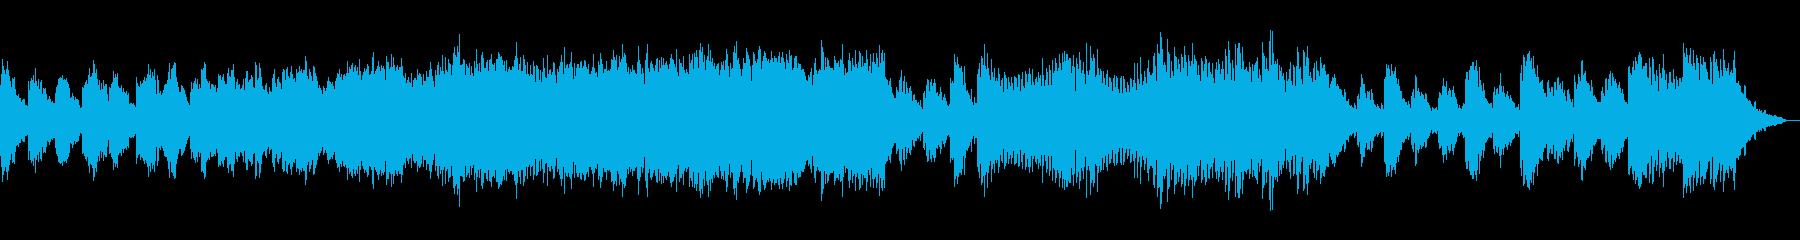 なめらかで綺麗なメロディーの再生済みの波形